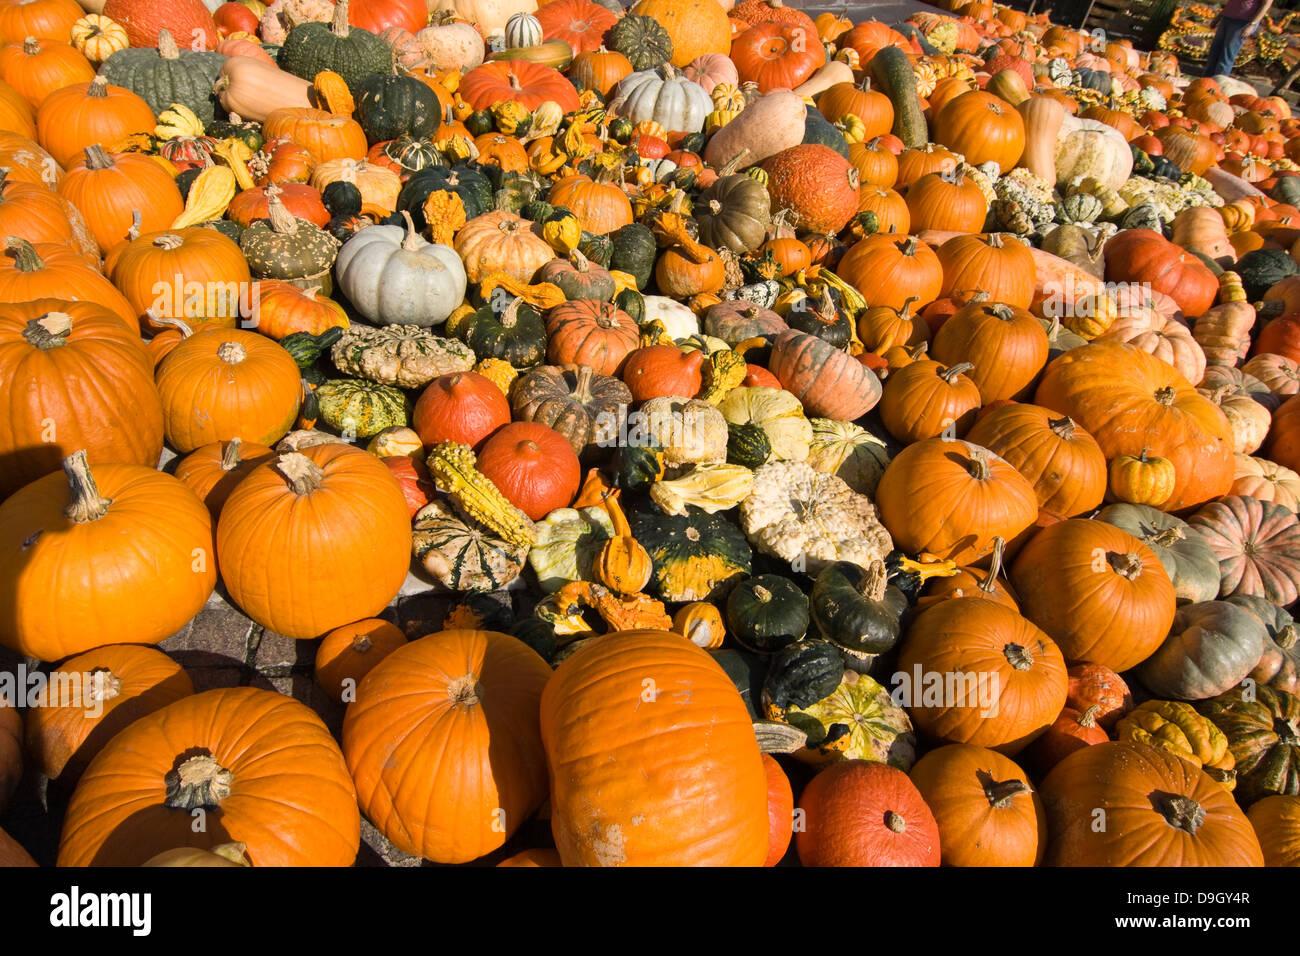 Kürbis-Vielfalt auf einer Kürbis-Schau in Bozen; Variety of pumpkins at a pumpkin festival in Bozen, Italy - Stock Image